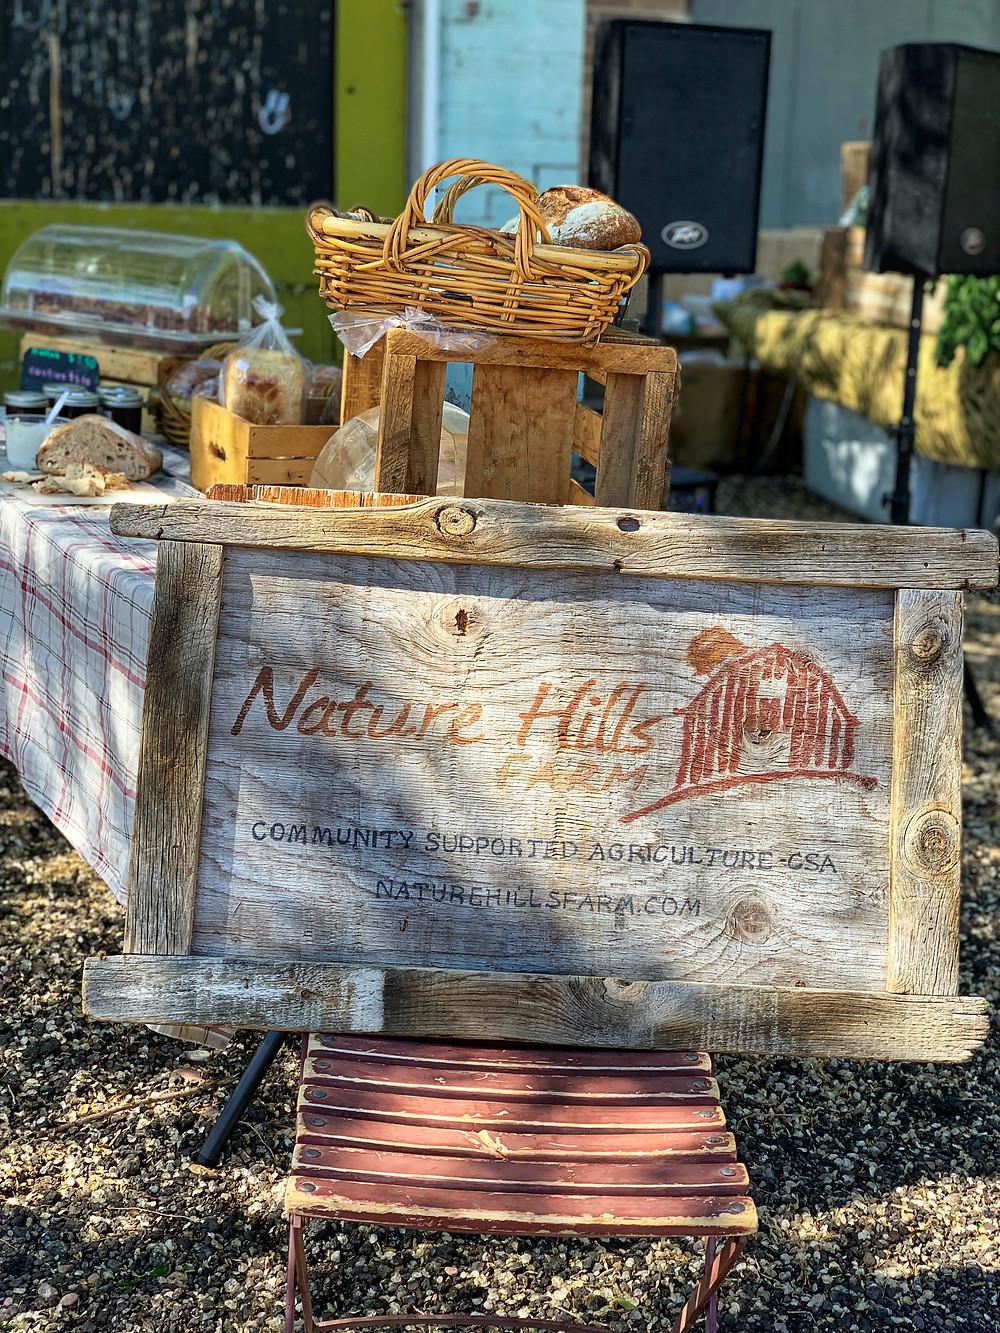 Nature Hills Farm CSA